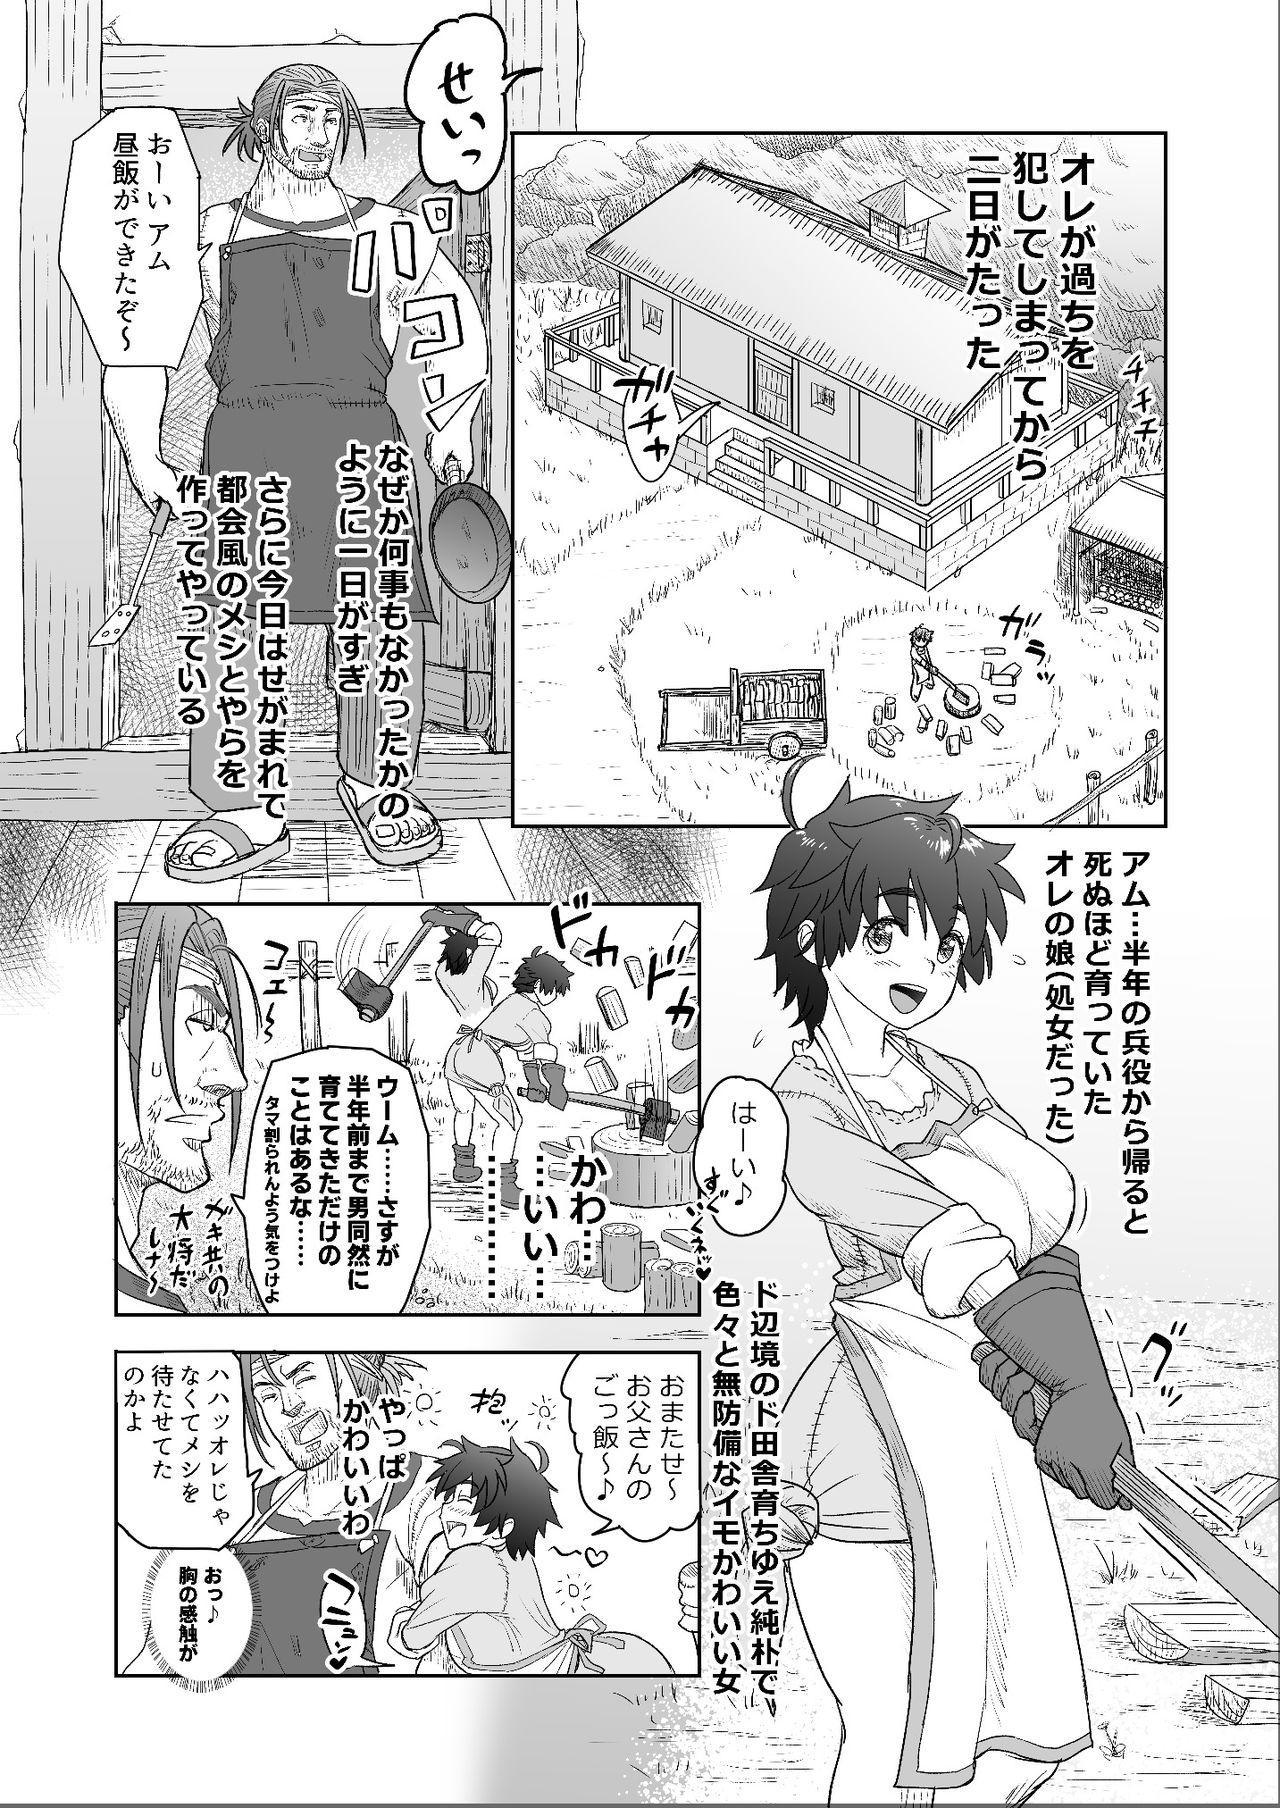 Datte Otoko wa Kedamono da mono! Dai 1.1-wa Yappari Gaman Dekinai Chichi no Juu Yoku 4